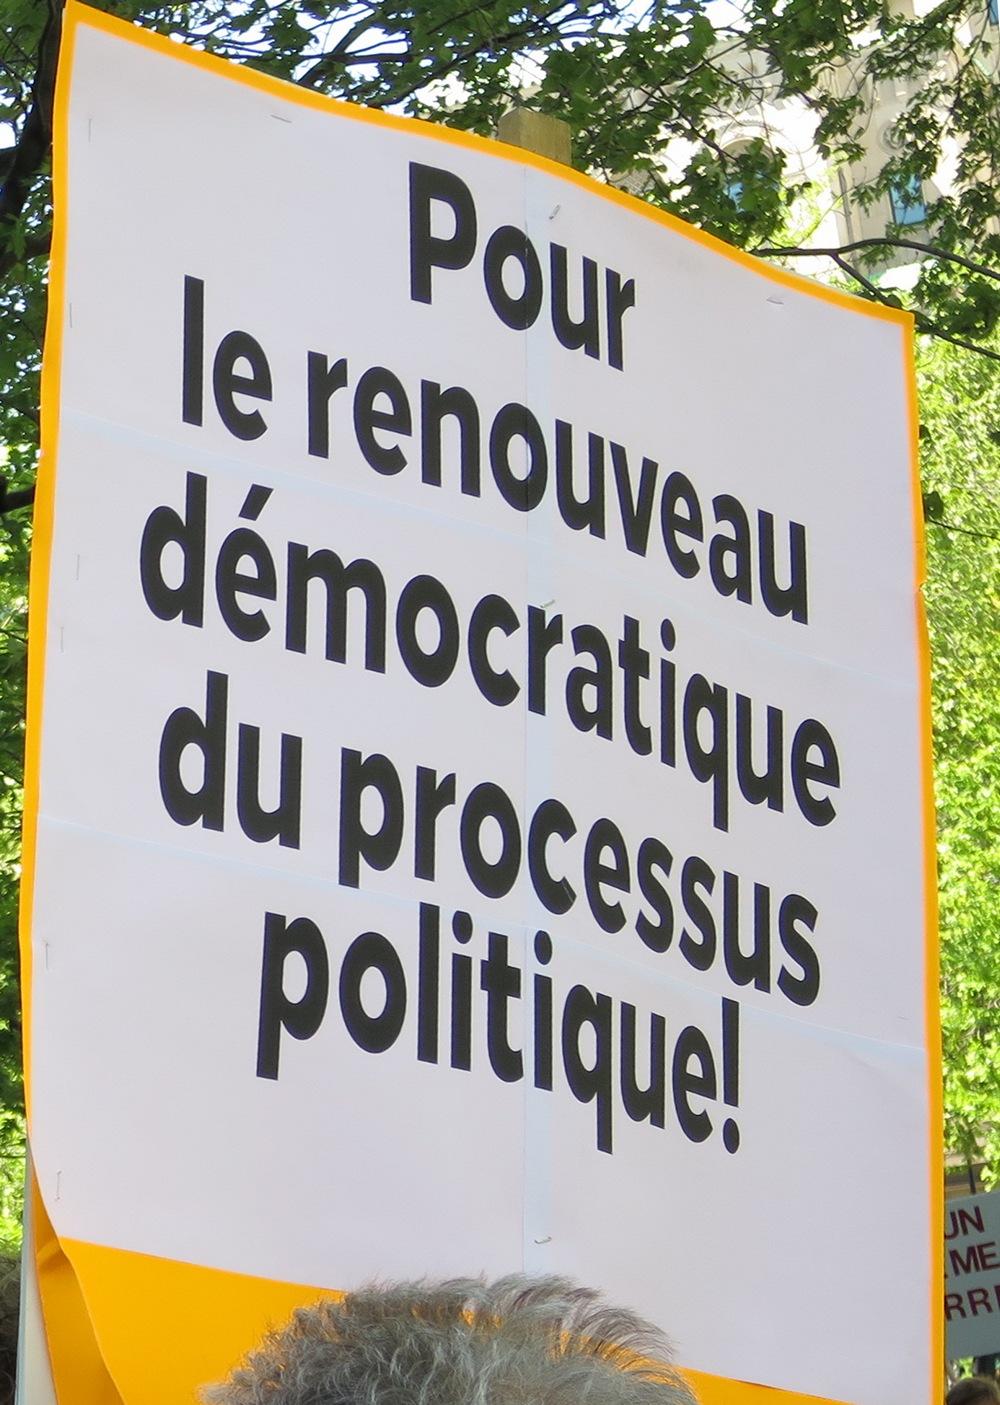 http://www.cpcml.ca/images2018/Quebec/180521-MontrealJNP-07.JPG